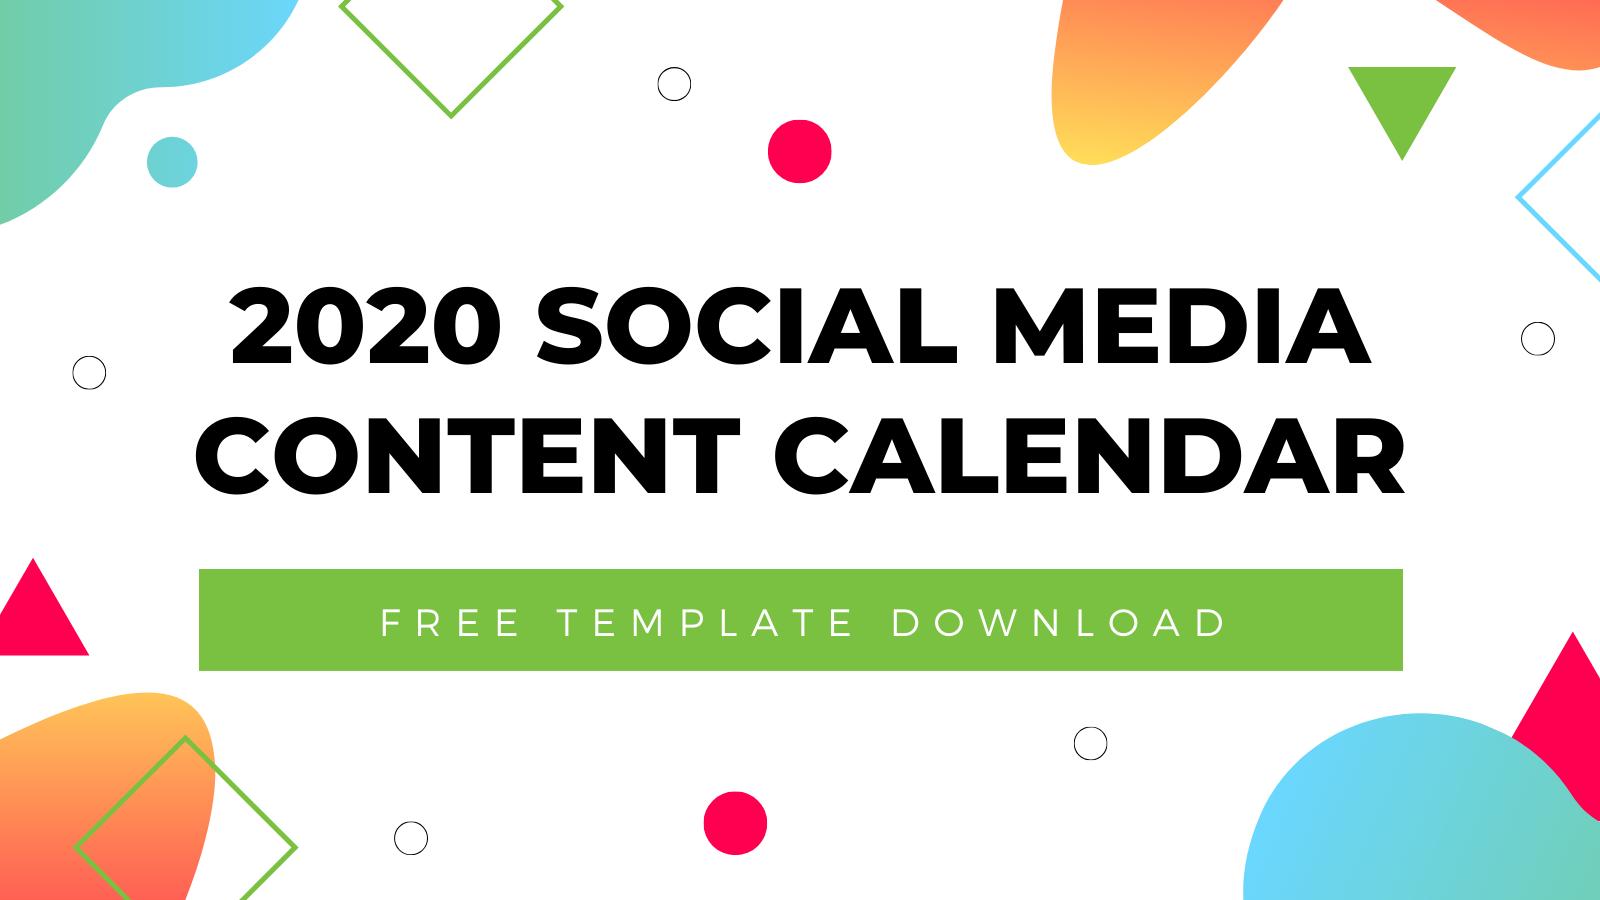 2020 Social Media Content Calendar Template   Free Download